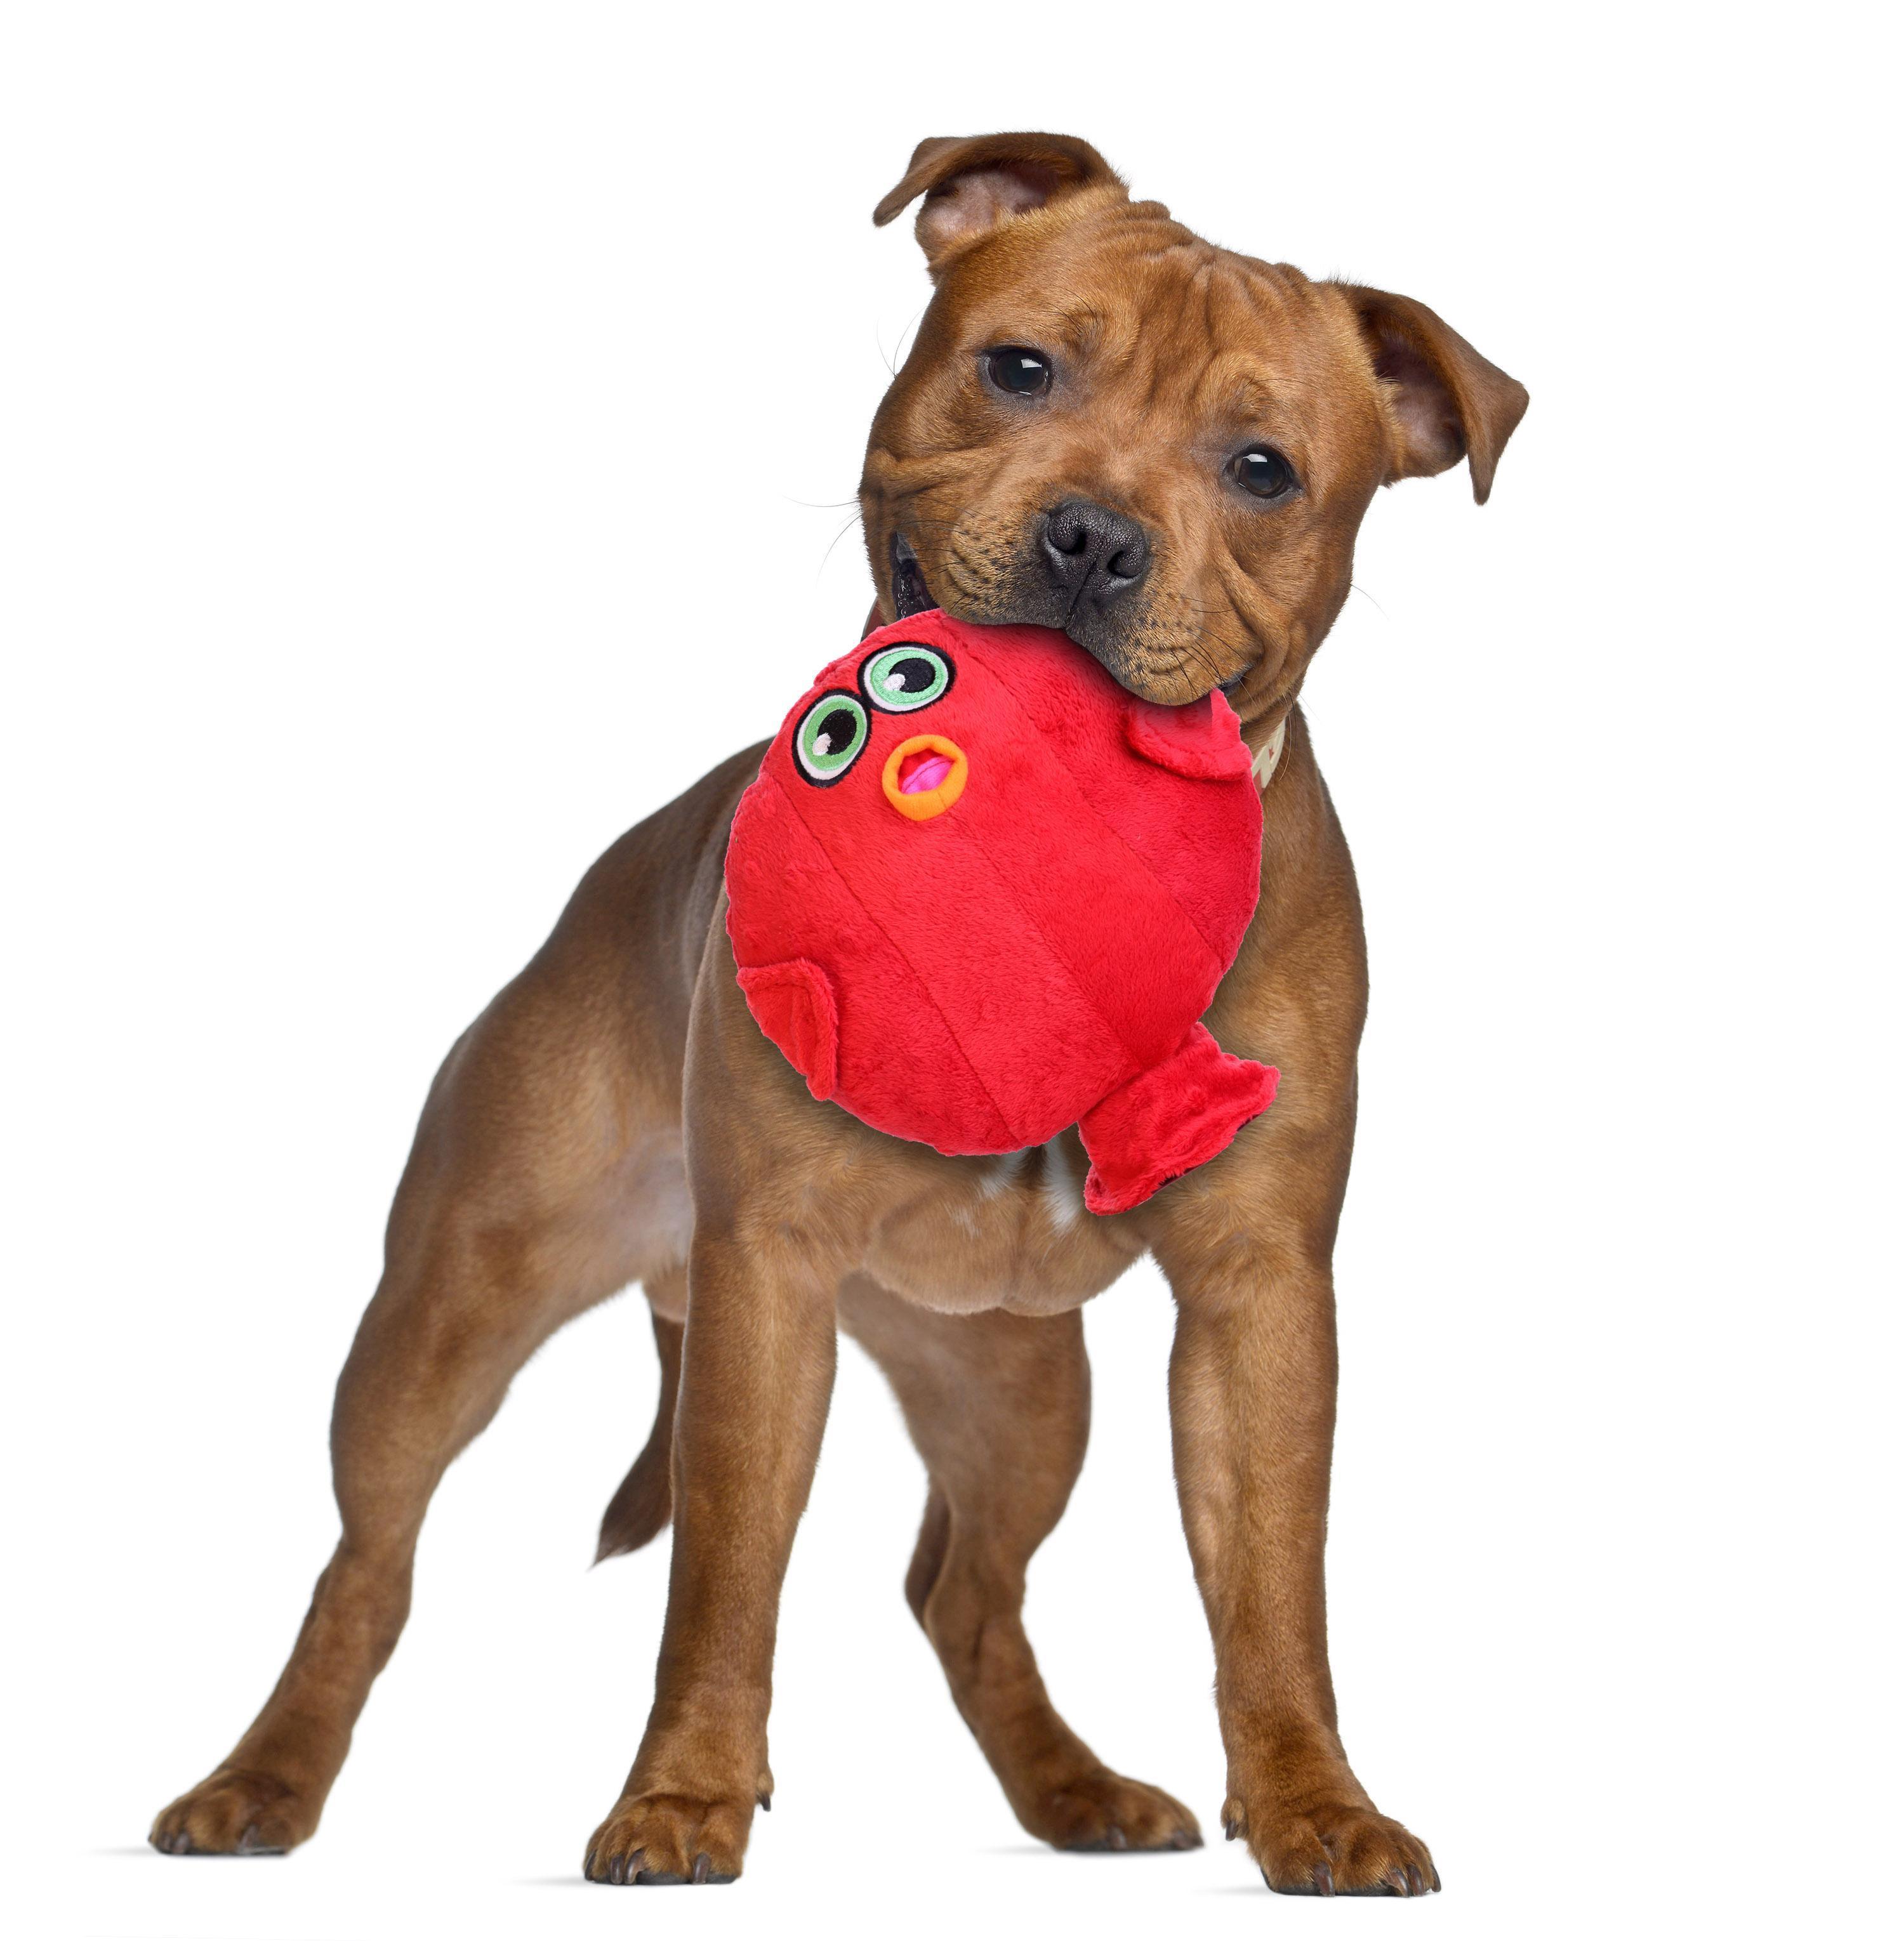 Hear Doggy Plush Dog Toy Blowfish with Same Day Shipping